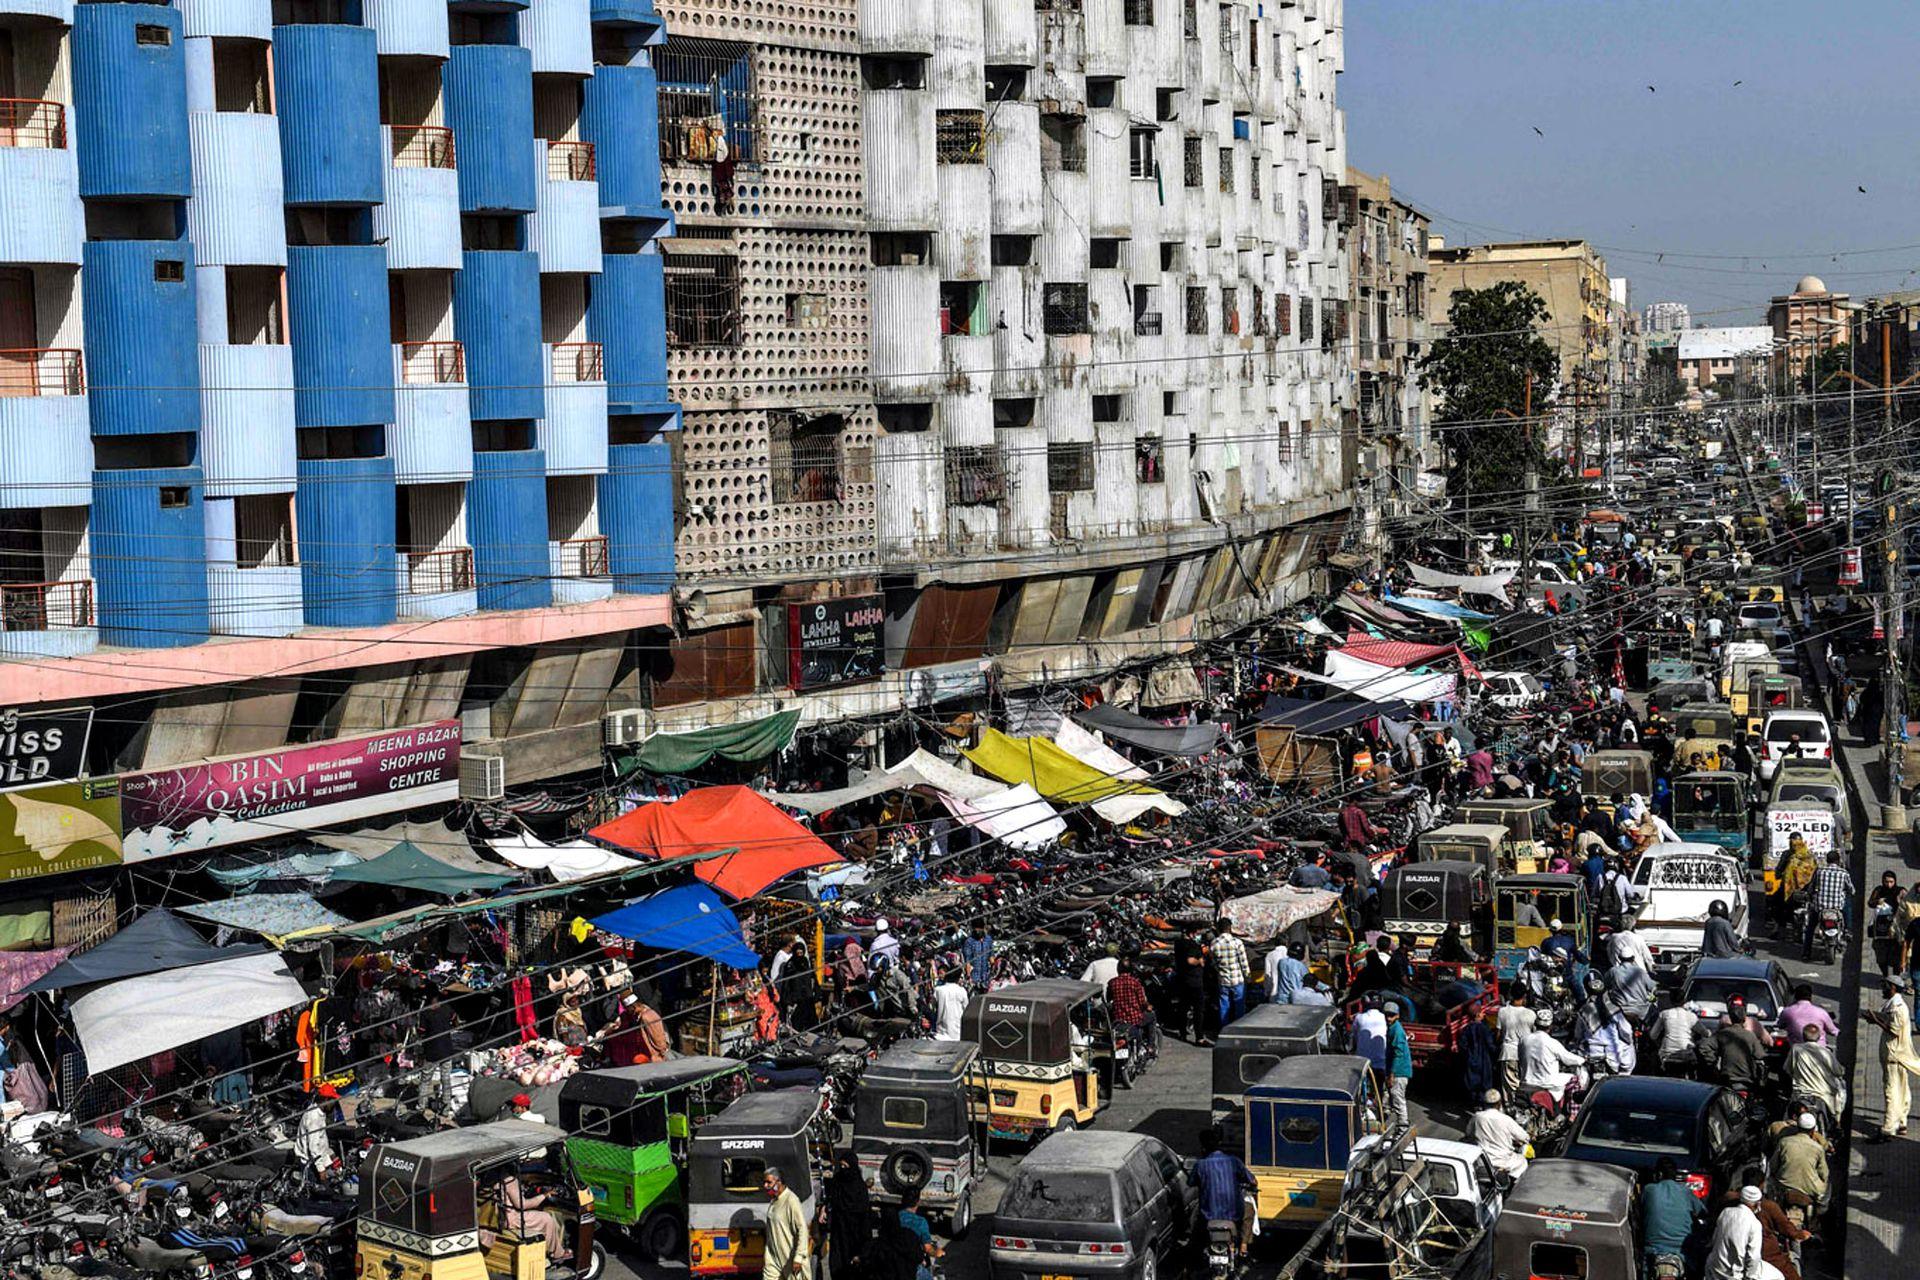 Aglomeración de automovilistas y personas en un mercado antes del festival musulmán Eid al-Fitr, en Karachi